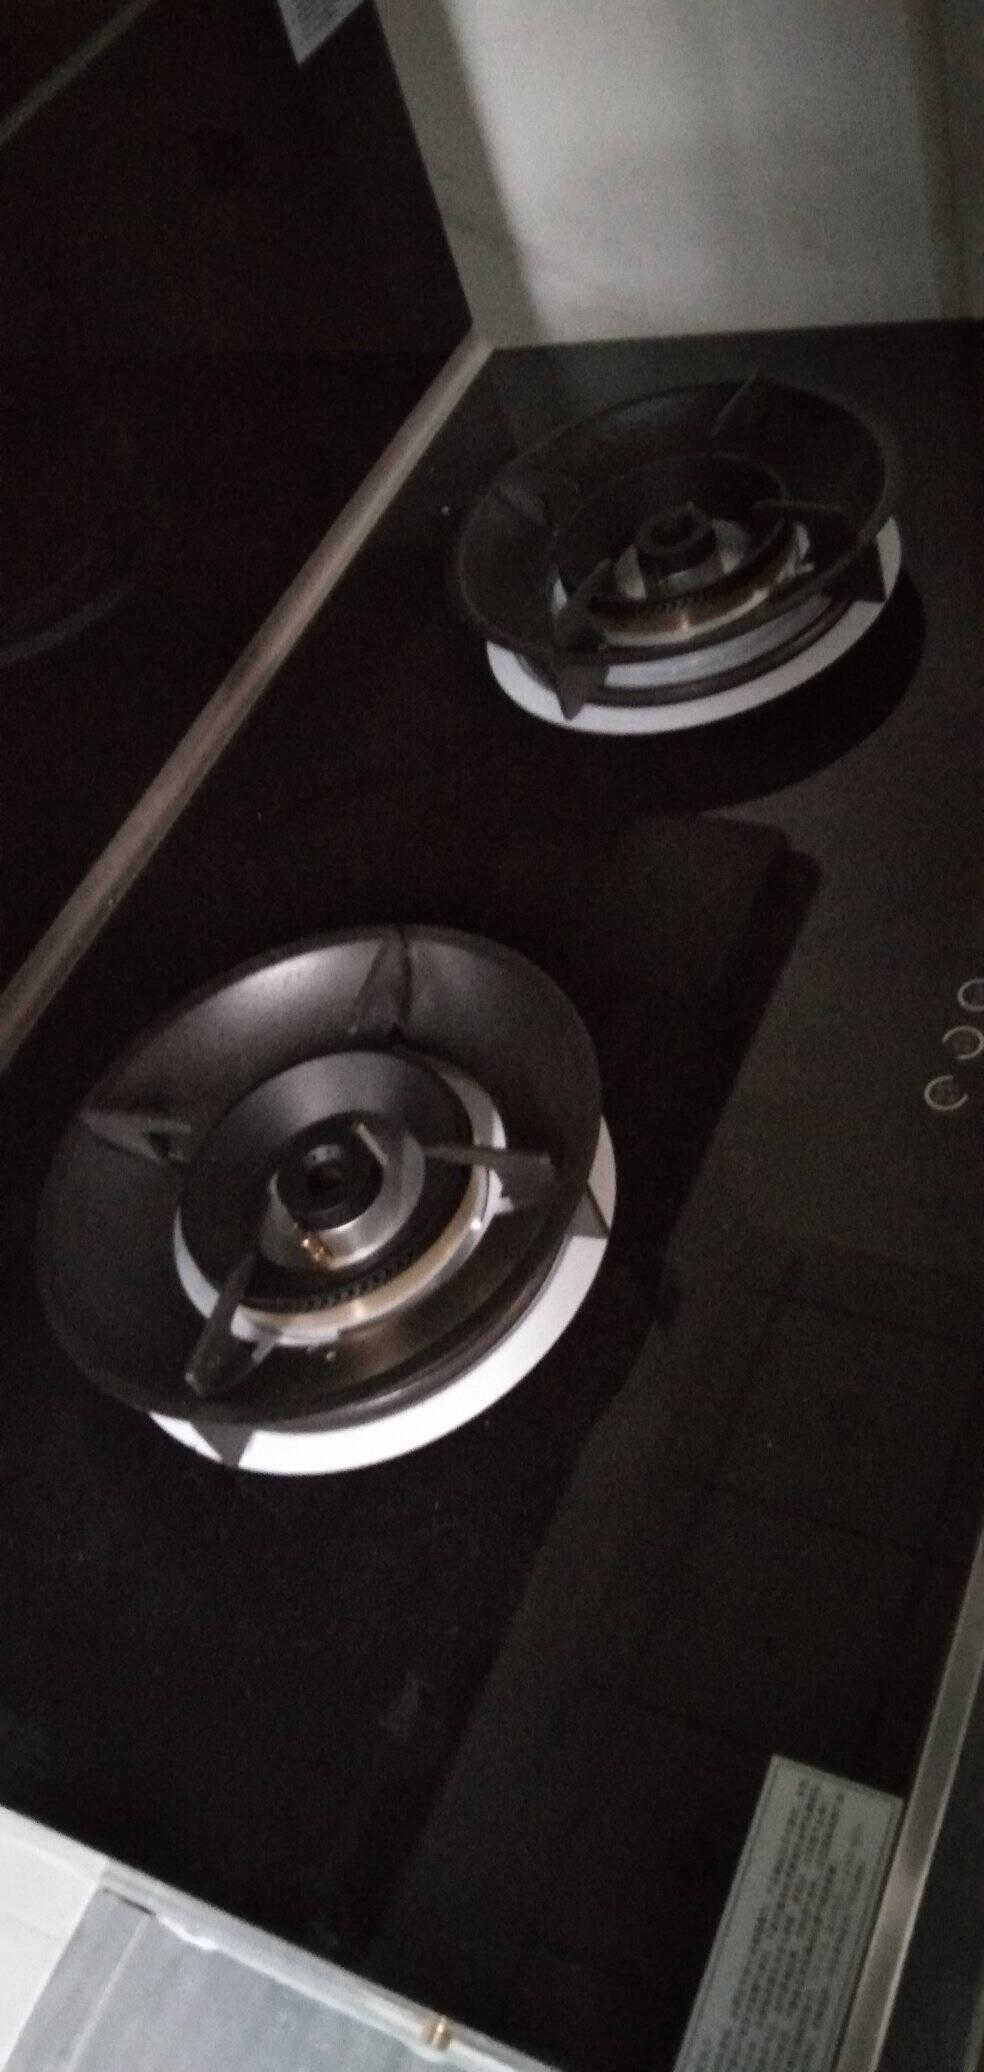 欧尼尔(OUNIER)集成灶一体灶带消毒柜下排侧吸式家商用环保灶自动清洗油烟机燃气灶LX11消毒柜款头部加热+烟灶联动+零秒点火+单电机款天然气